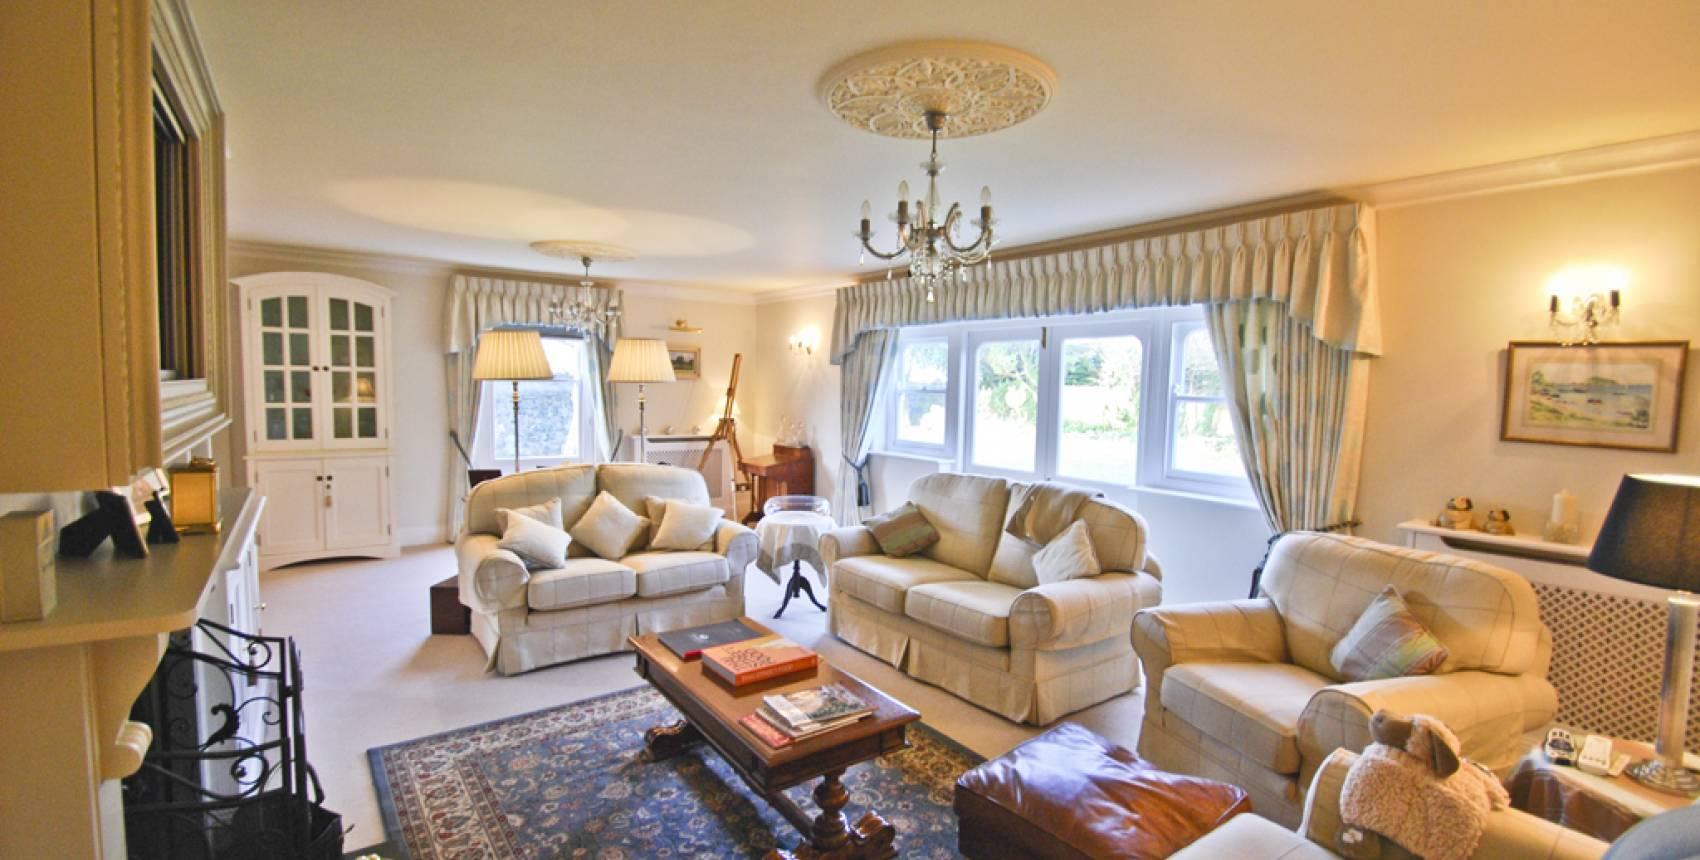 100 livingroom estate agent guernsey under one roof august 19 great livingroom estate agent - Living room estate agents guernsey local market ...